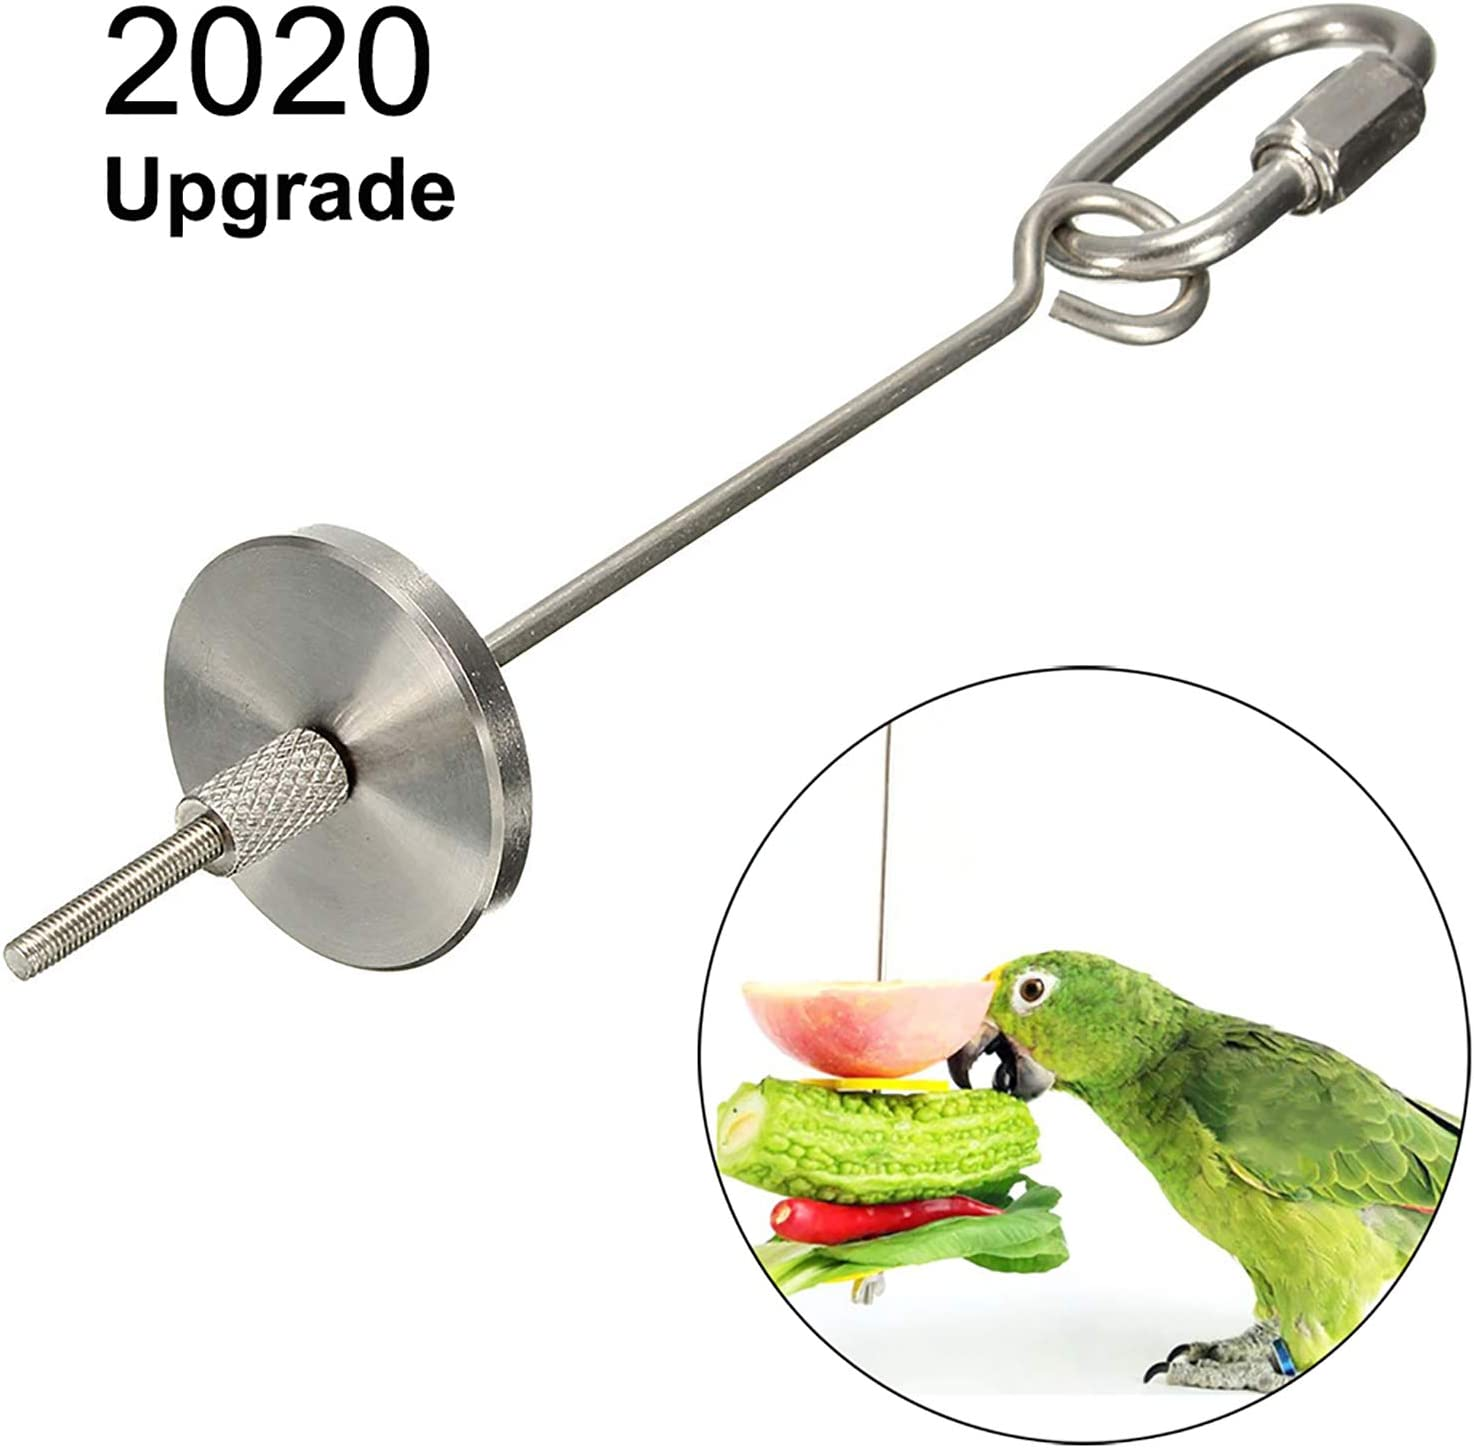 para comida de aves juguete para colgar p/ájaros peque/ños animales para gallinas Pincho para frutas verduras para colgar de acero inoxidable herramienta de alimentaci/ón para loros